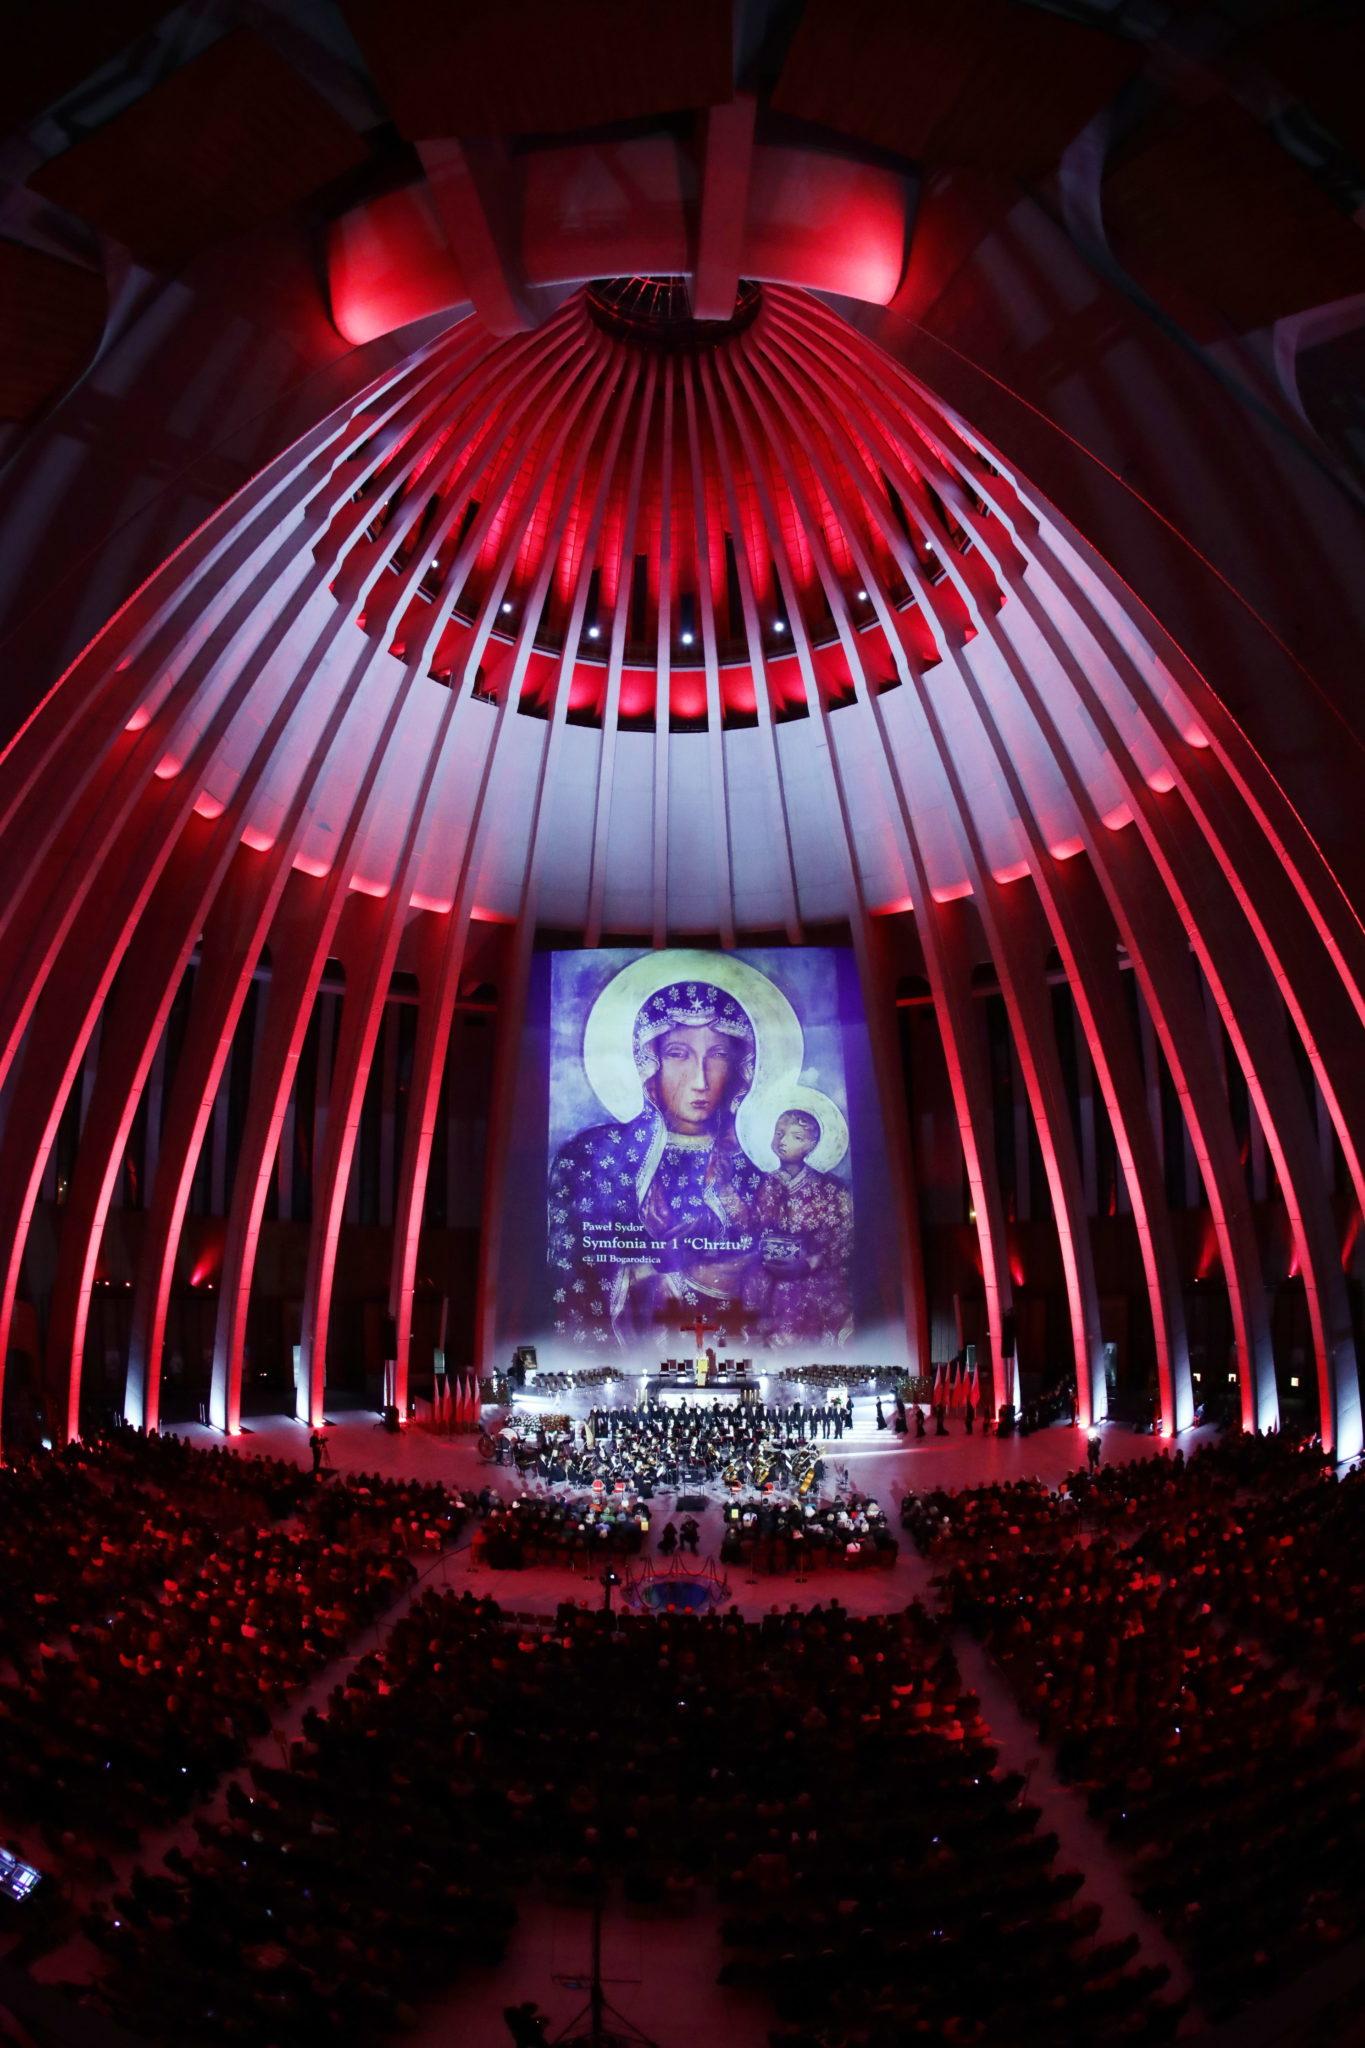 Koncert Galowy w warszawskiej Świątyni Opatrzności Bożej, wykonana została msza F-dur autorstwa Józefa Michała Ksawerego Poniatowskiego, fot: PAP/Tomasz Gzell